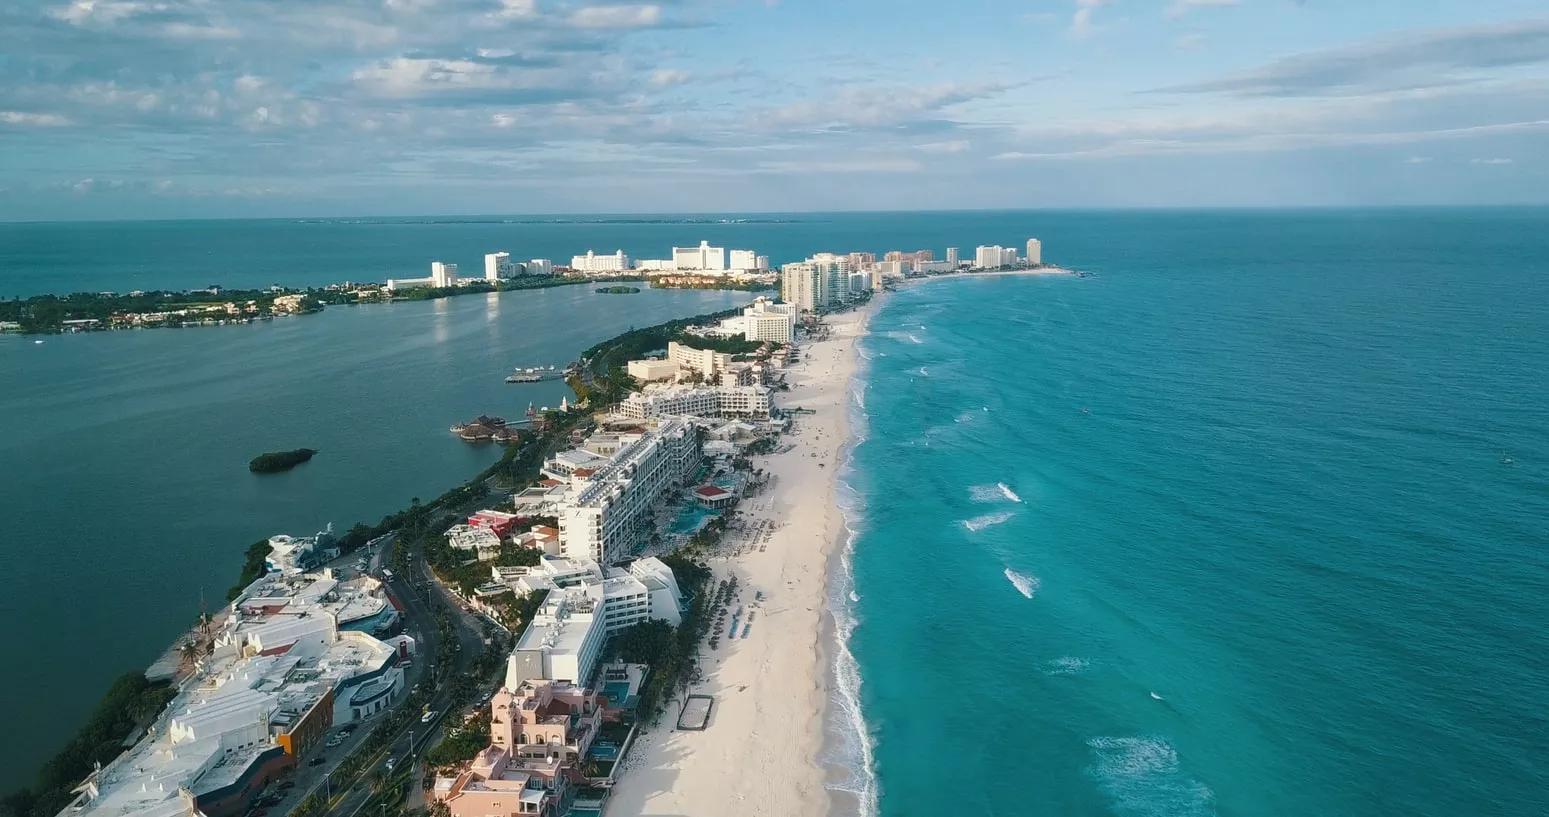 El éxito de Cancún frente a la pandemia Covid-19